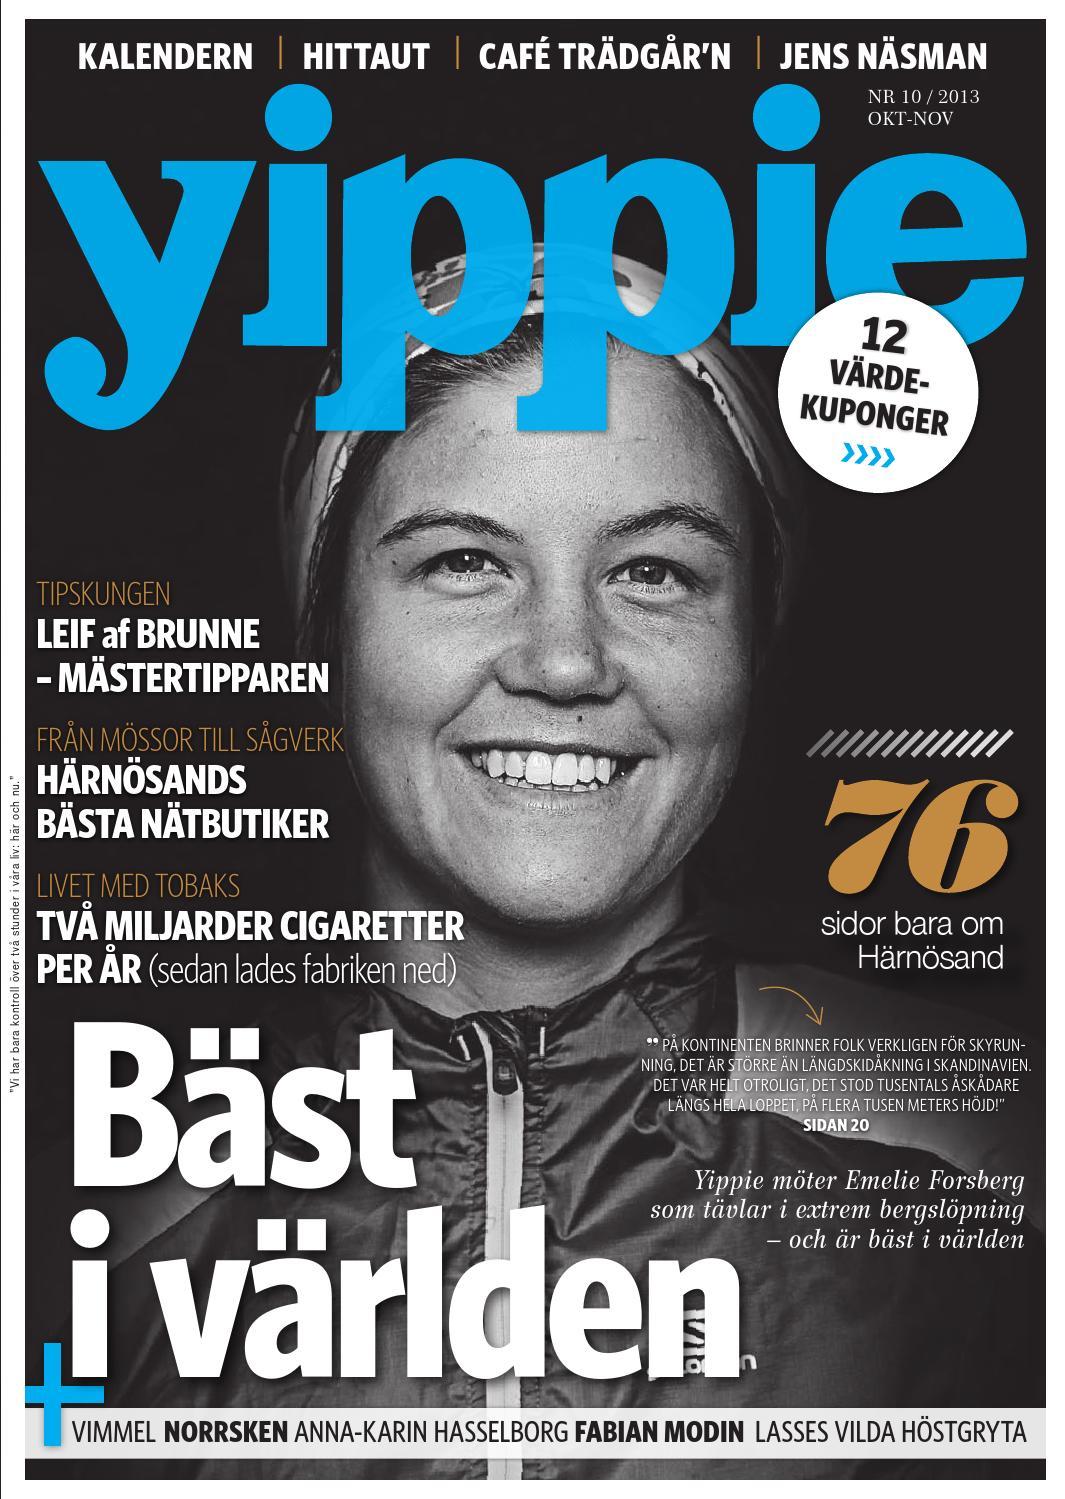 e89c6ff1ab0 Yippie nr 10 2013 by Alltid Marknadsbyra - issuu